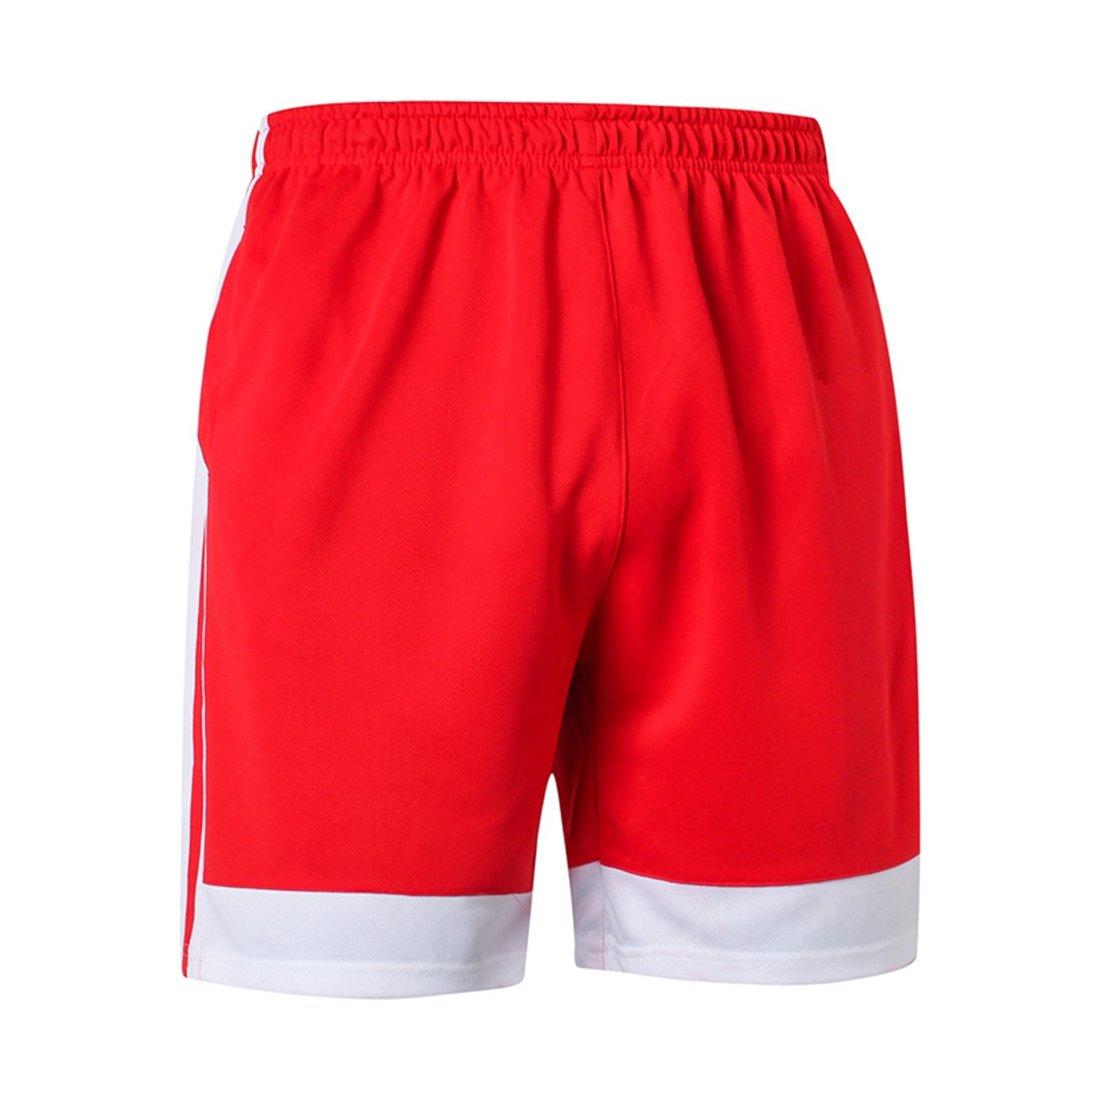 sevenwellメンズルーズフィットパフォーマンスショーツクイックドライRunningメッシュショーツジムワークアウトショーツ B07C4YB51G M=US S|Red&White Red&White M=US S